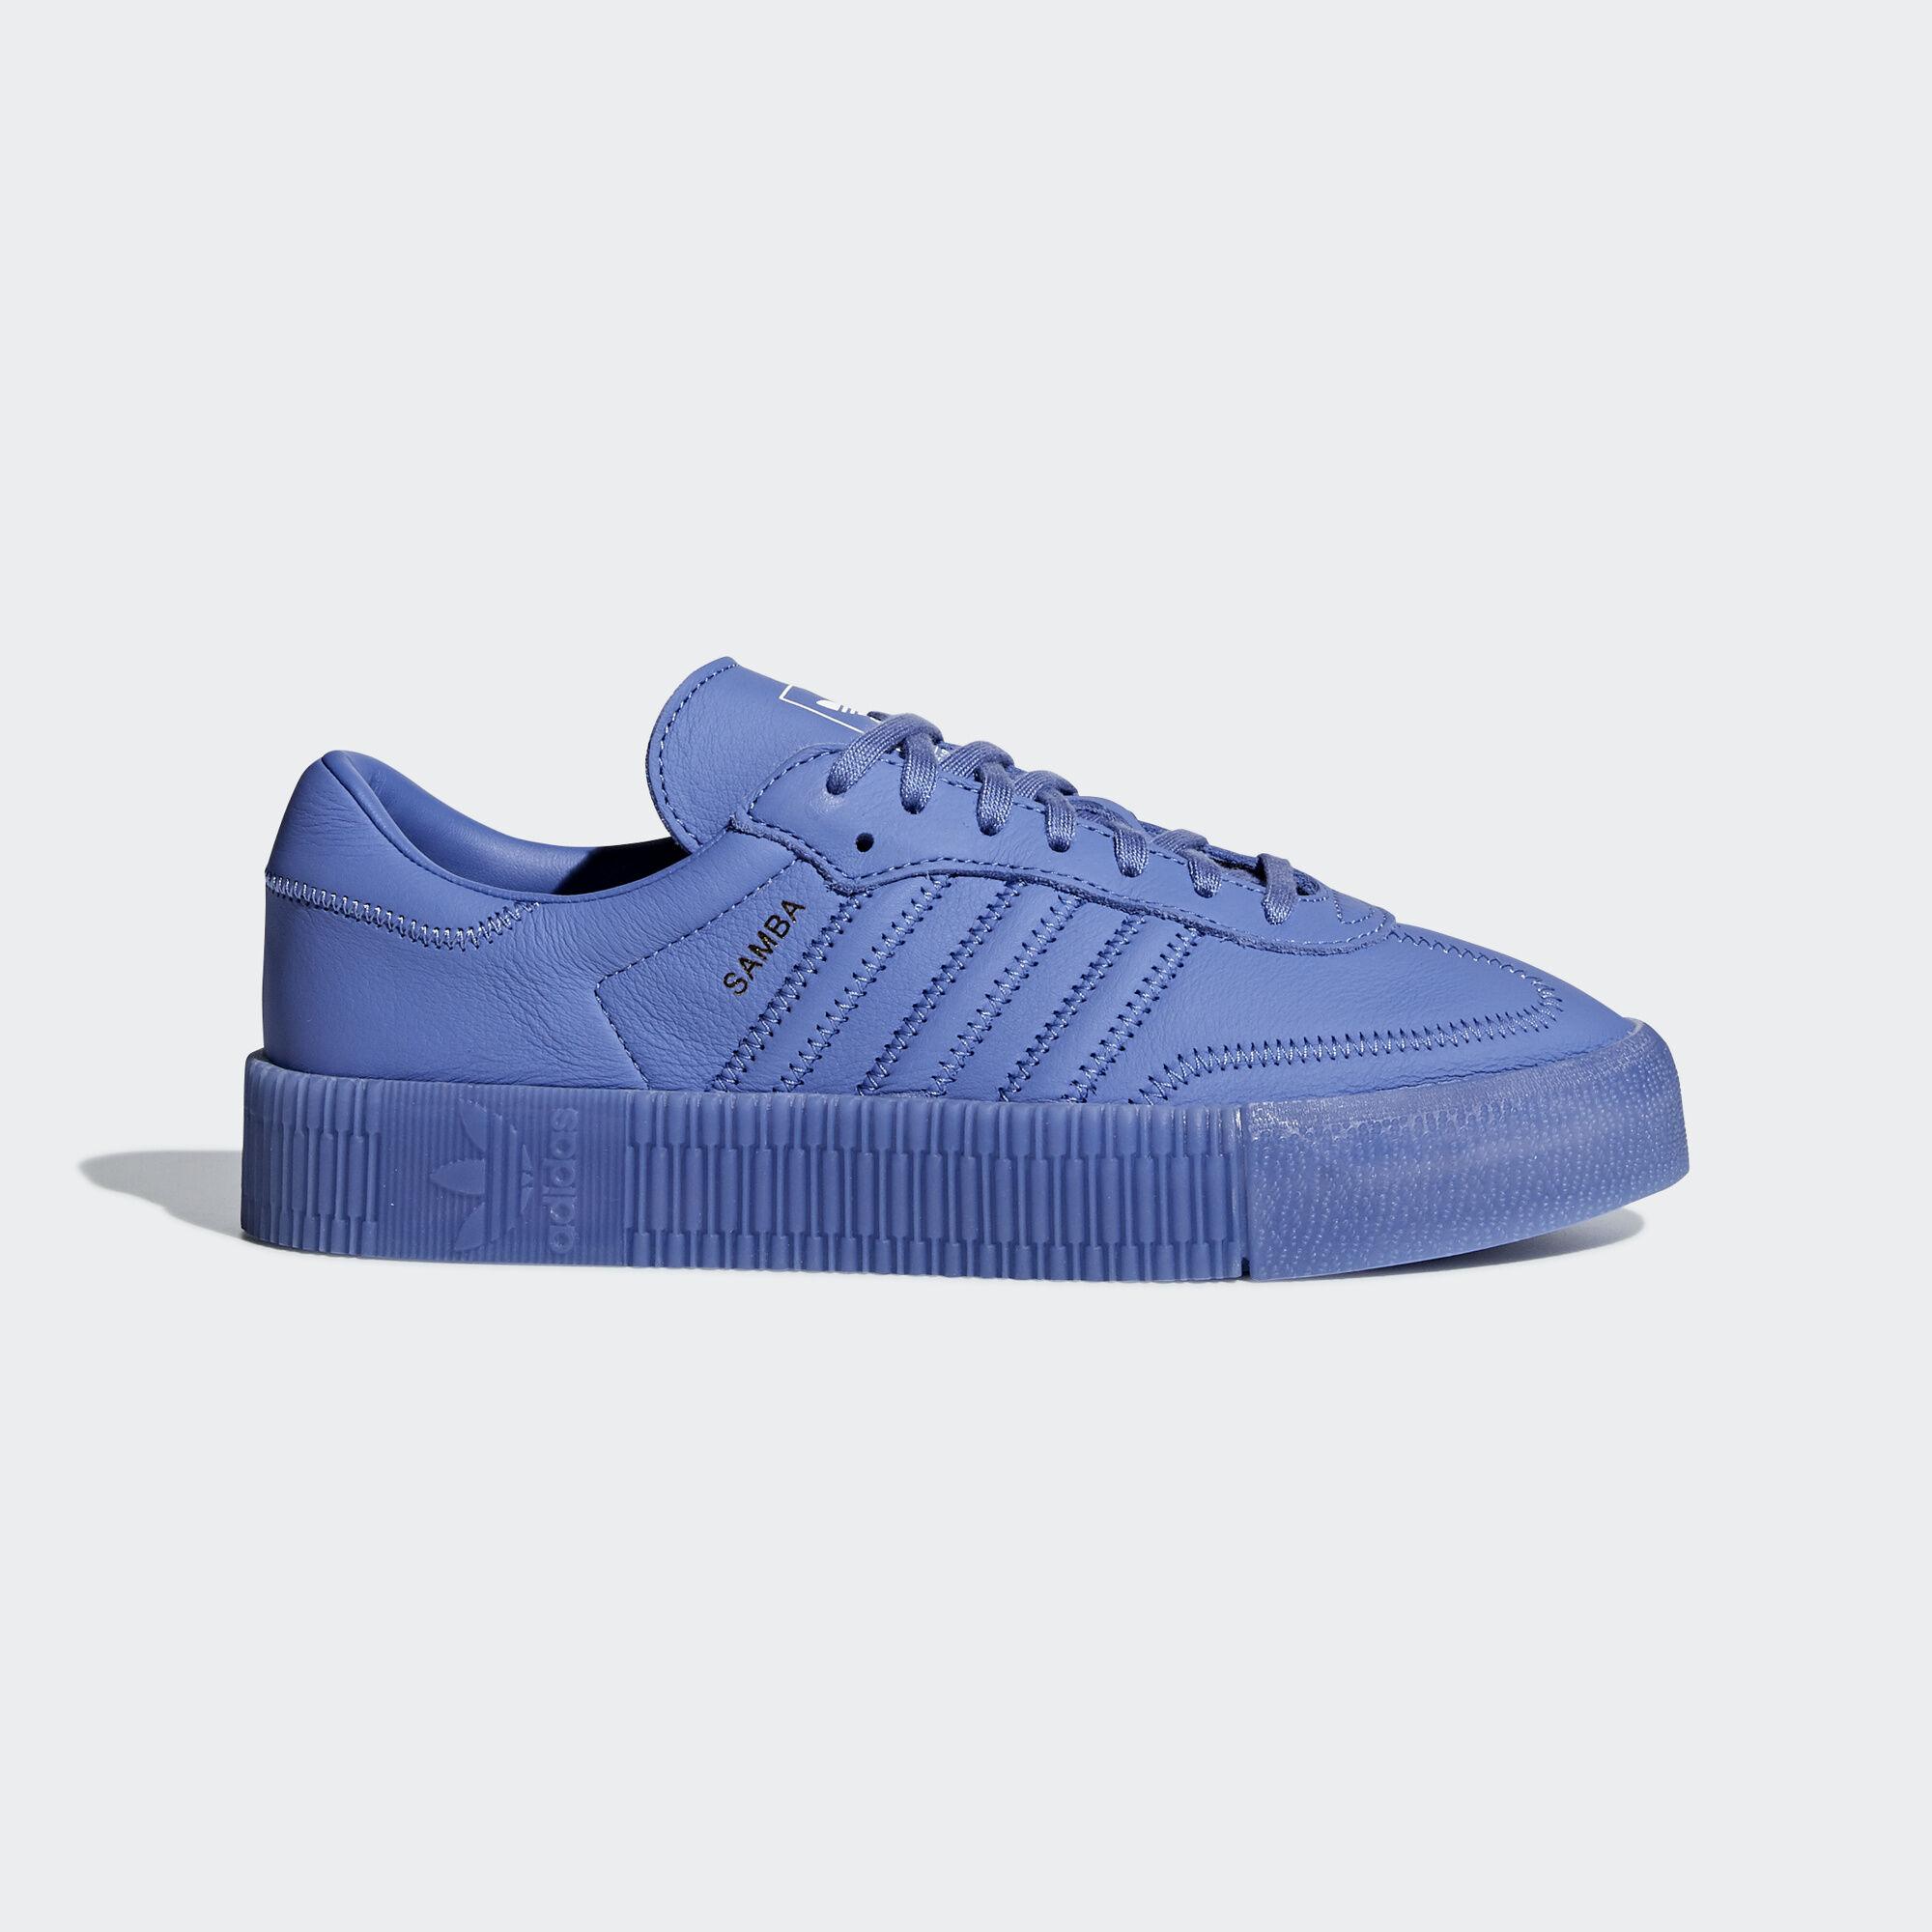 brand new d04cf cc794 coupon for adidas sambarose shoes real lilac real lilac real lilac b37068  4b53f 1e4ac